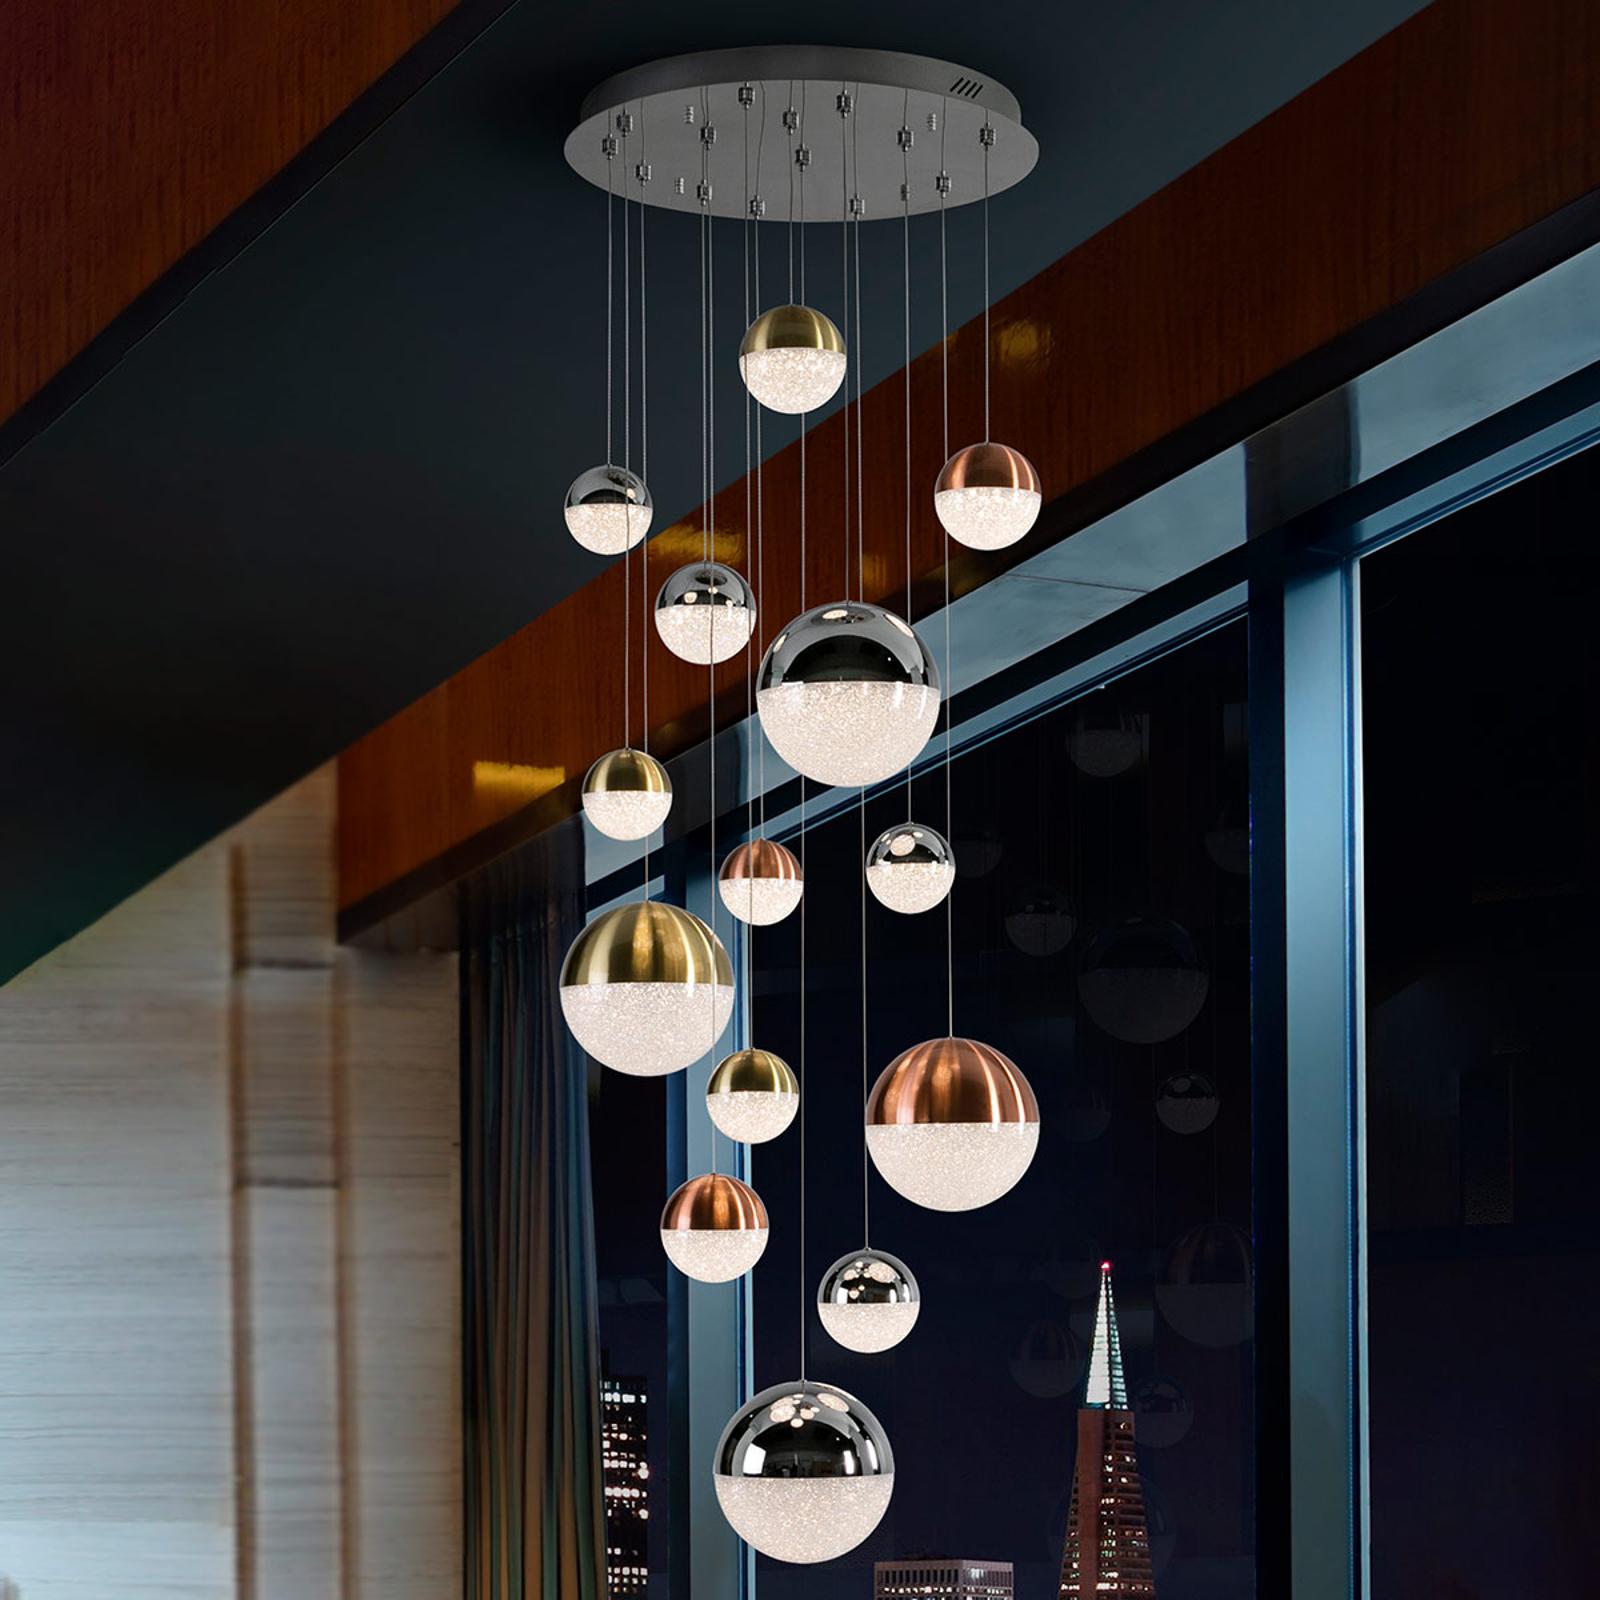 LED hanglamp met 14 lampjes, multicolour